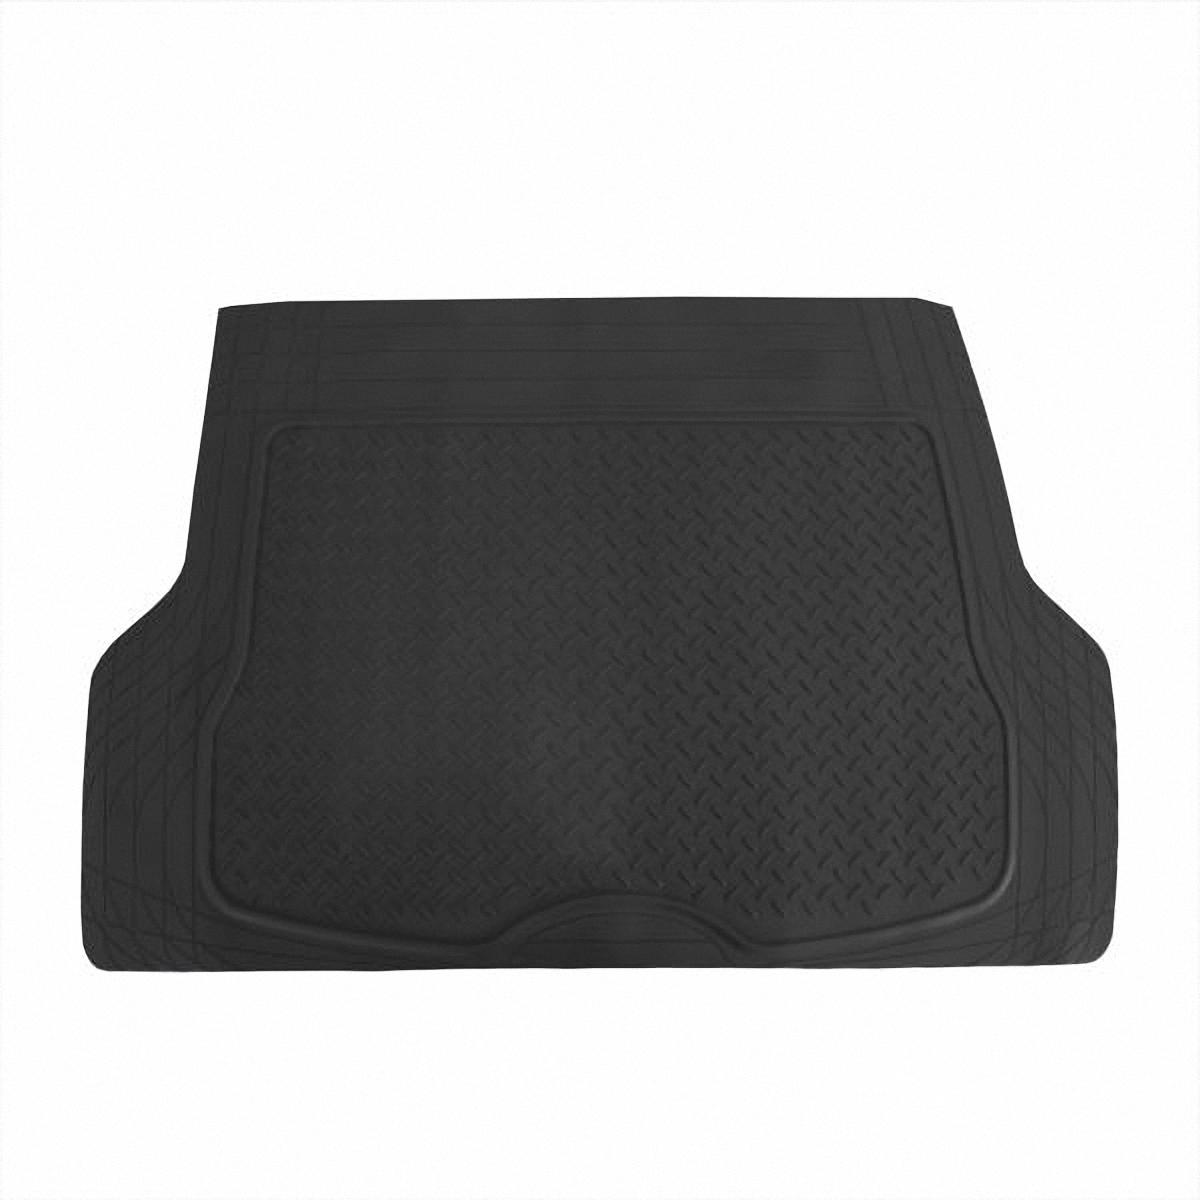 Коврик в салон автомобиля Skyway, в багажник, цвет: черный, 80 х 126,5 смS04701004Коврик сохраняет эластичность даже при экстремально низких и высоких температурах (от -50°С до +50°С). Обладает повышенной устойчивостью к износу и агрессивным средам, таким как антигололёдные реагенты, масло и топливо. Усовершенствованная конструкция изделия обеспечивает плотное прилегание и надёжную фиксацию коврика на полу автомобиля. Размер: 80 х 126,5 см.